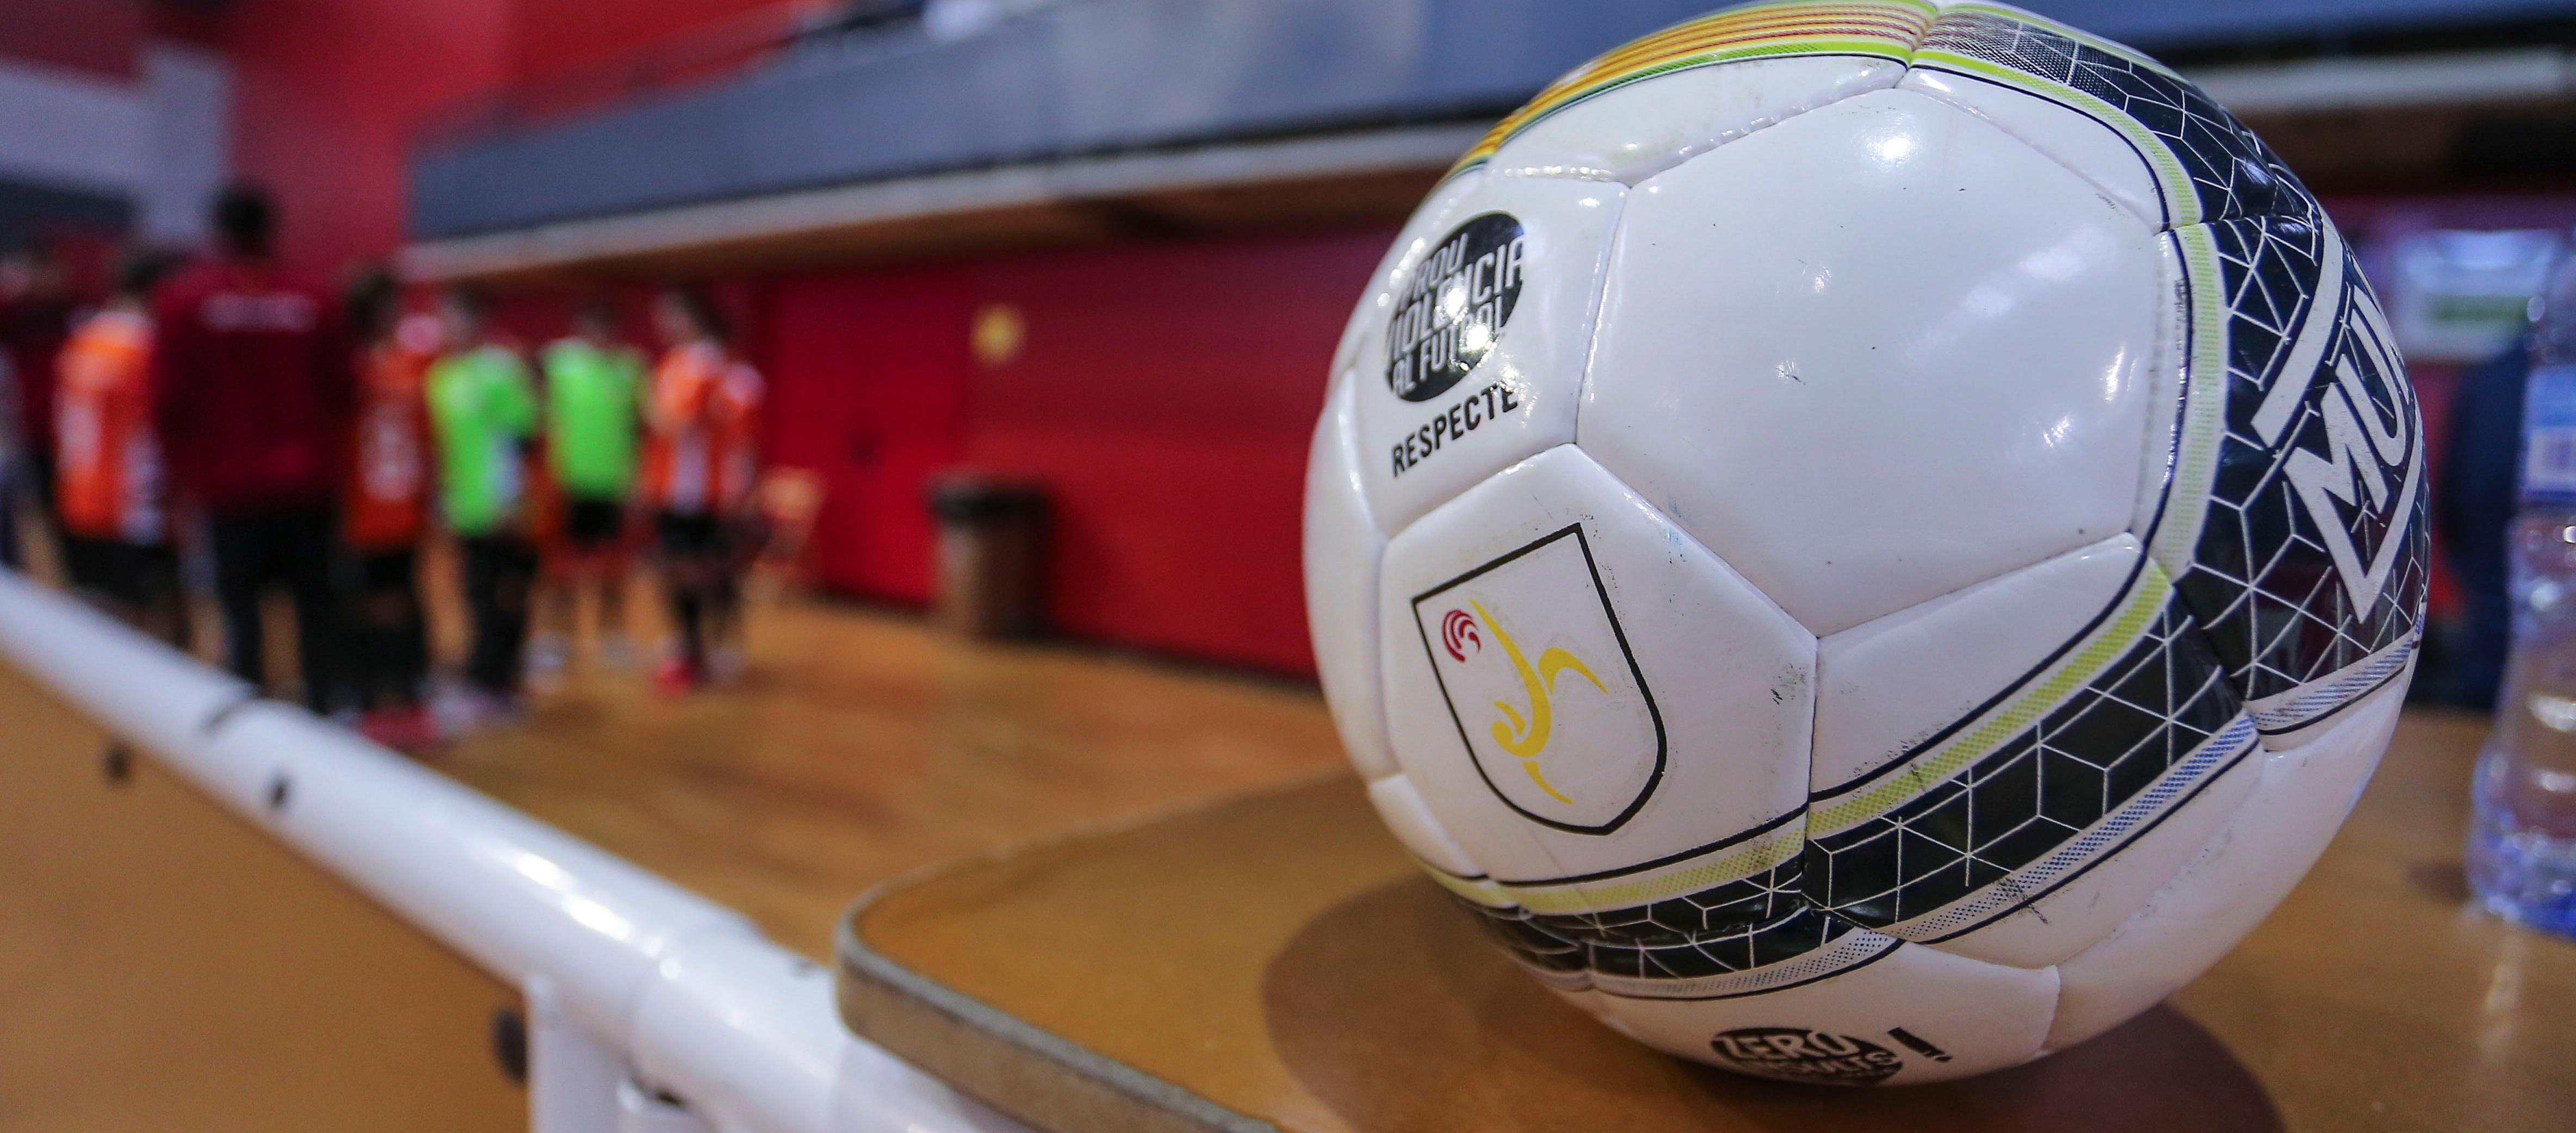 L'LCFS entrega les pilotes subvencionades als clubs de futbol sala